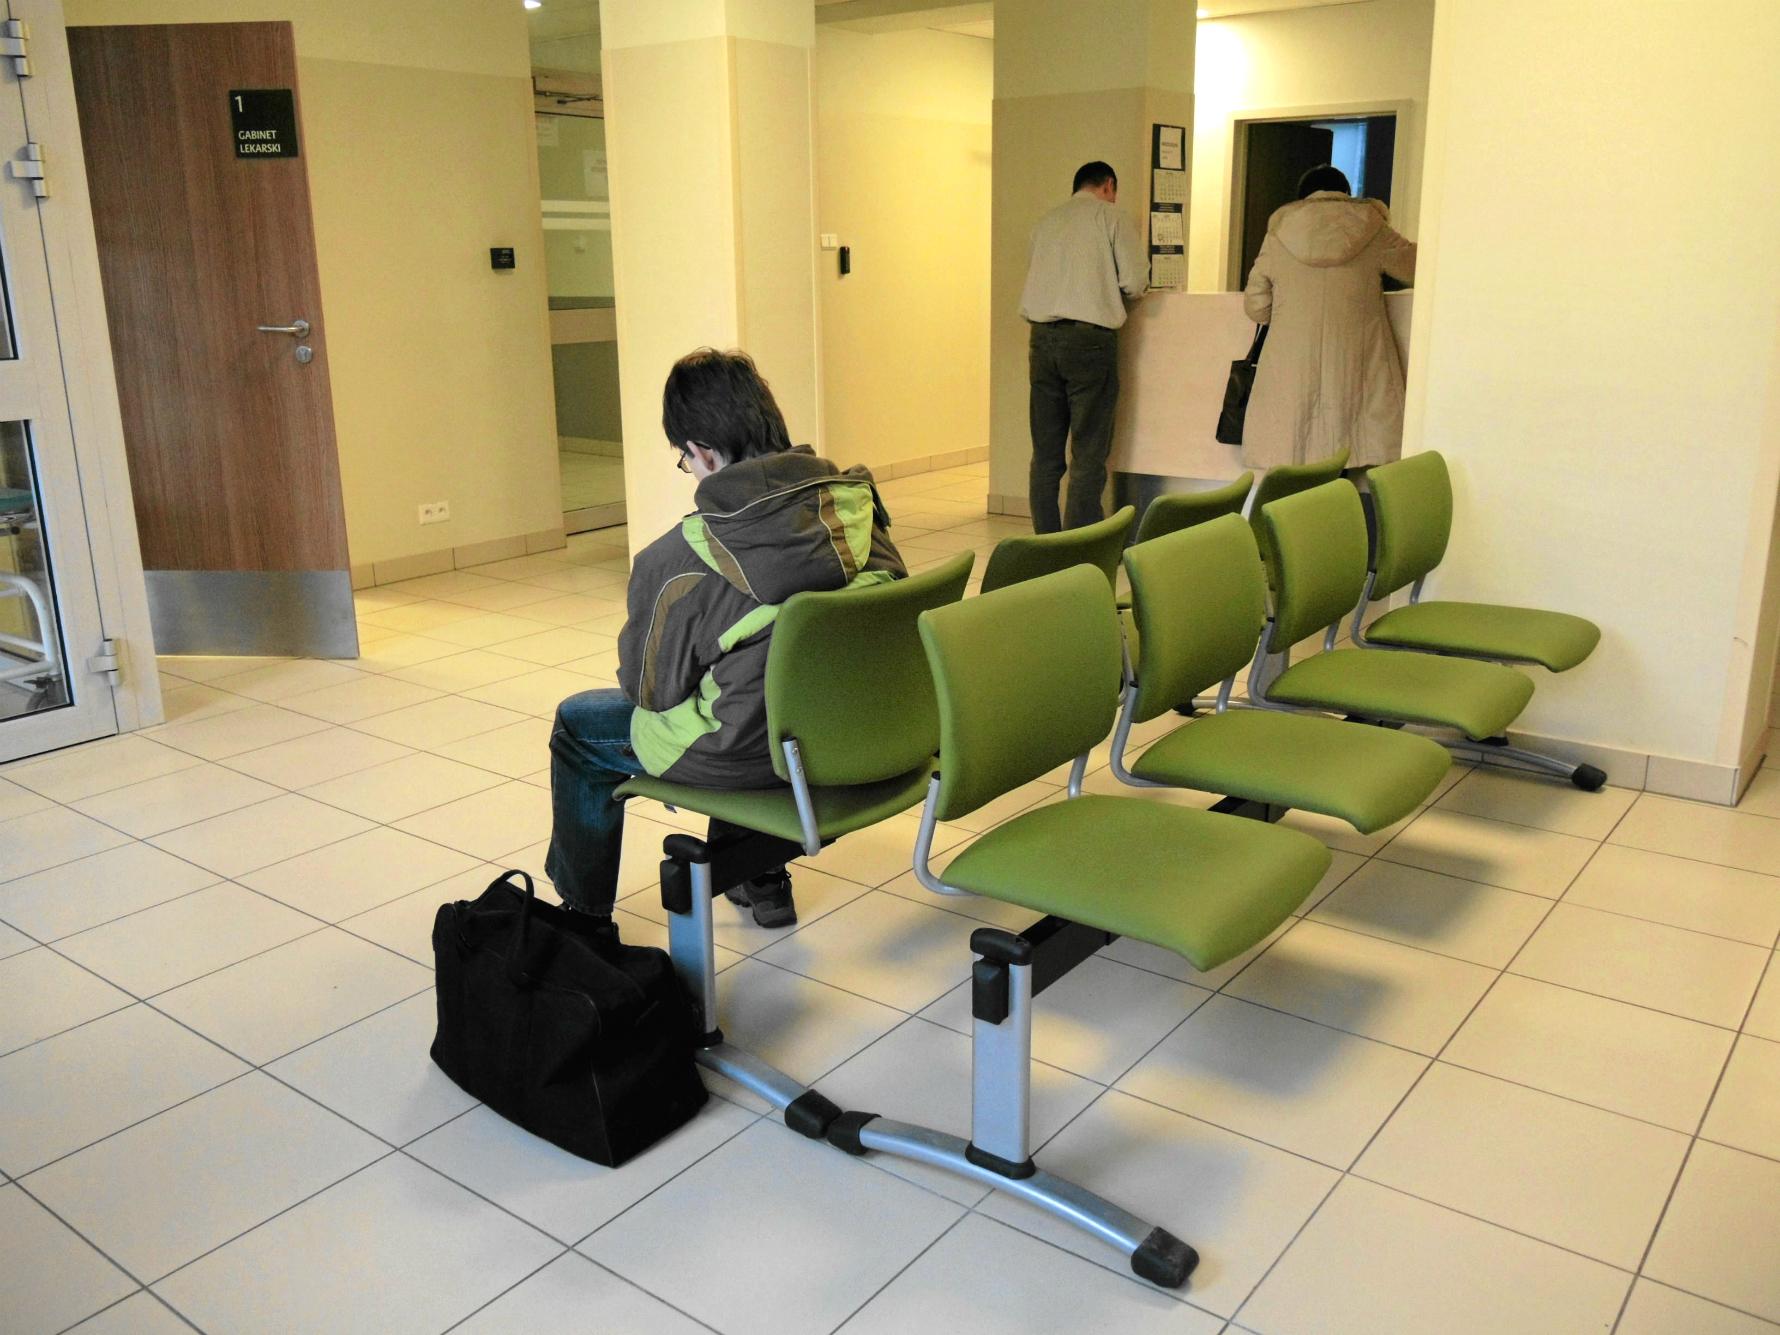 Nie ma dnia, żeby do psychiatry w Legionowie nie przyszedł ktoś 'pod drzwi' (fot: Łukasz Cynalewski/ Agencja Gazeta)